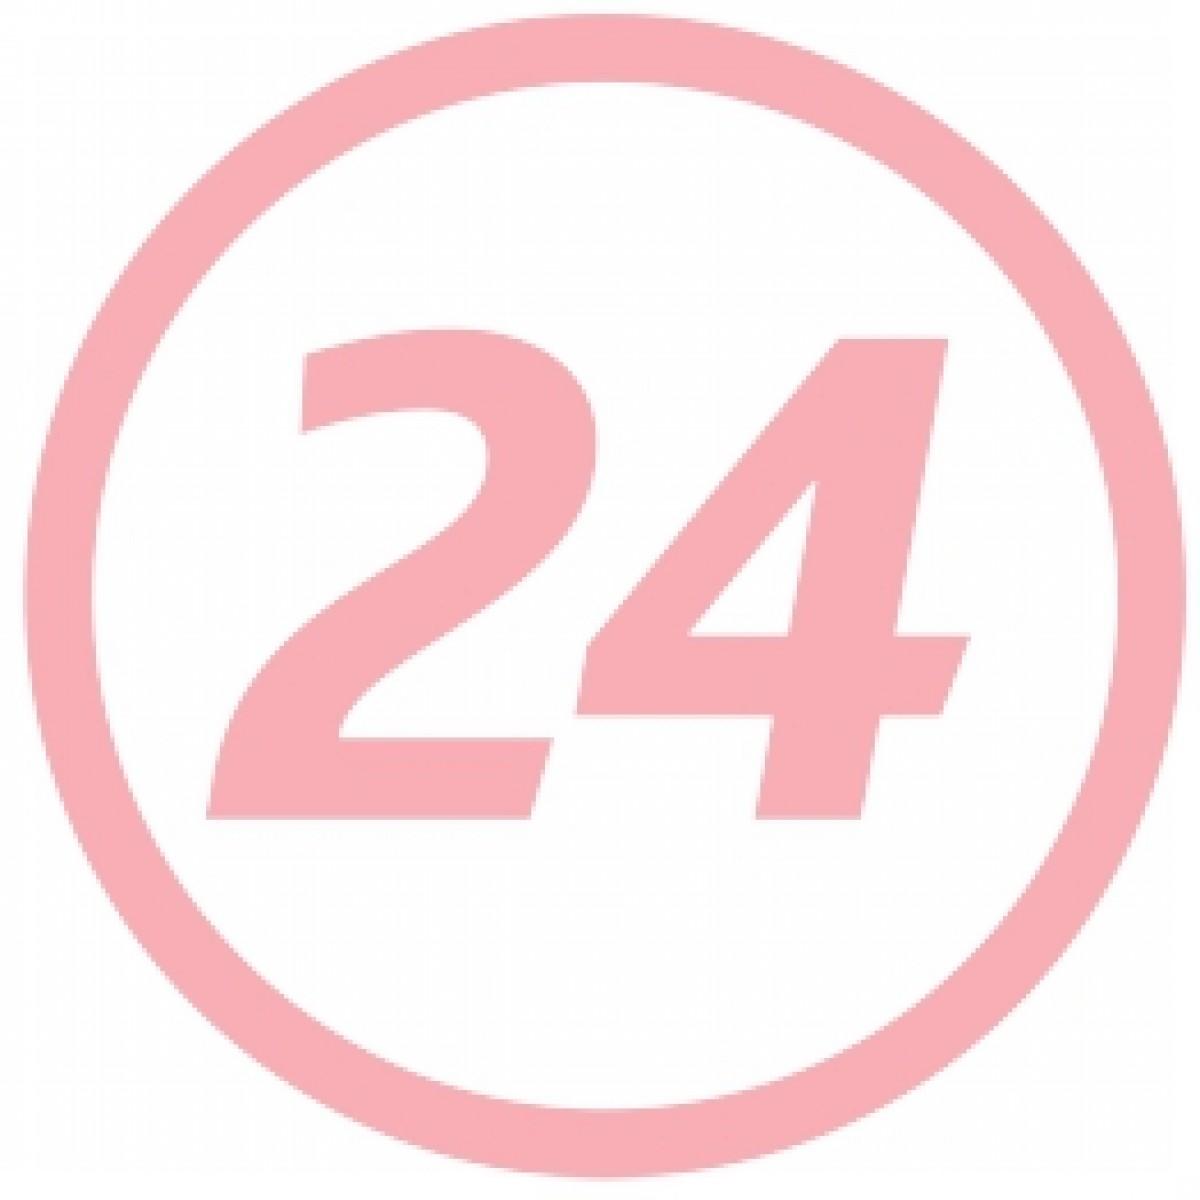 NUK Suzeta Din Silicon DISNEY Pentru Somn Marimea 1 (0-6 Luni), Suzeta, 1 buc